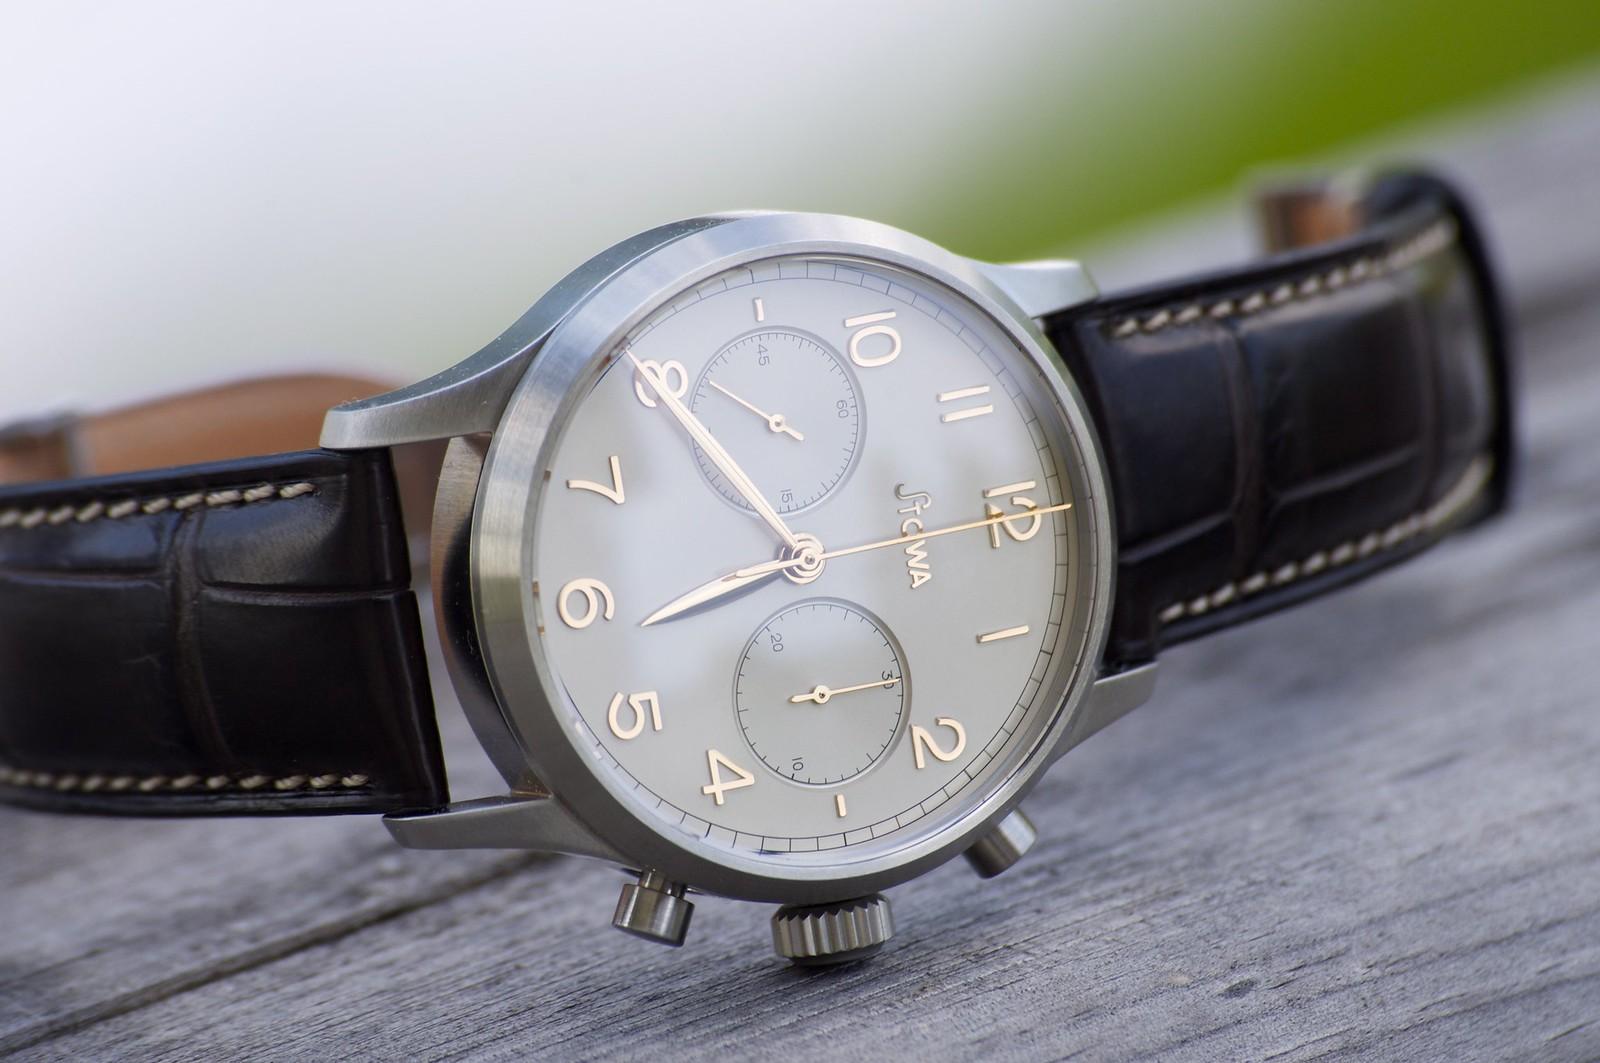 stowa - Stowa Chronograph 1938 vs Union Glashütte Noramis Chrono 7784092688_6219671045_h